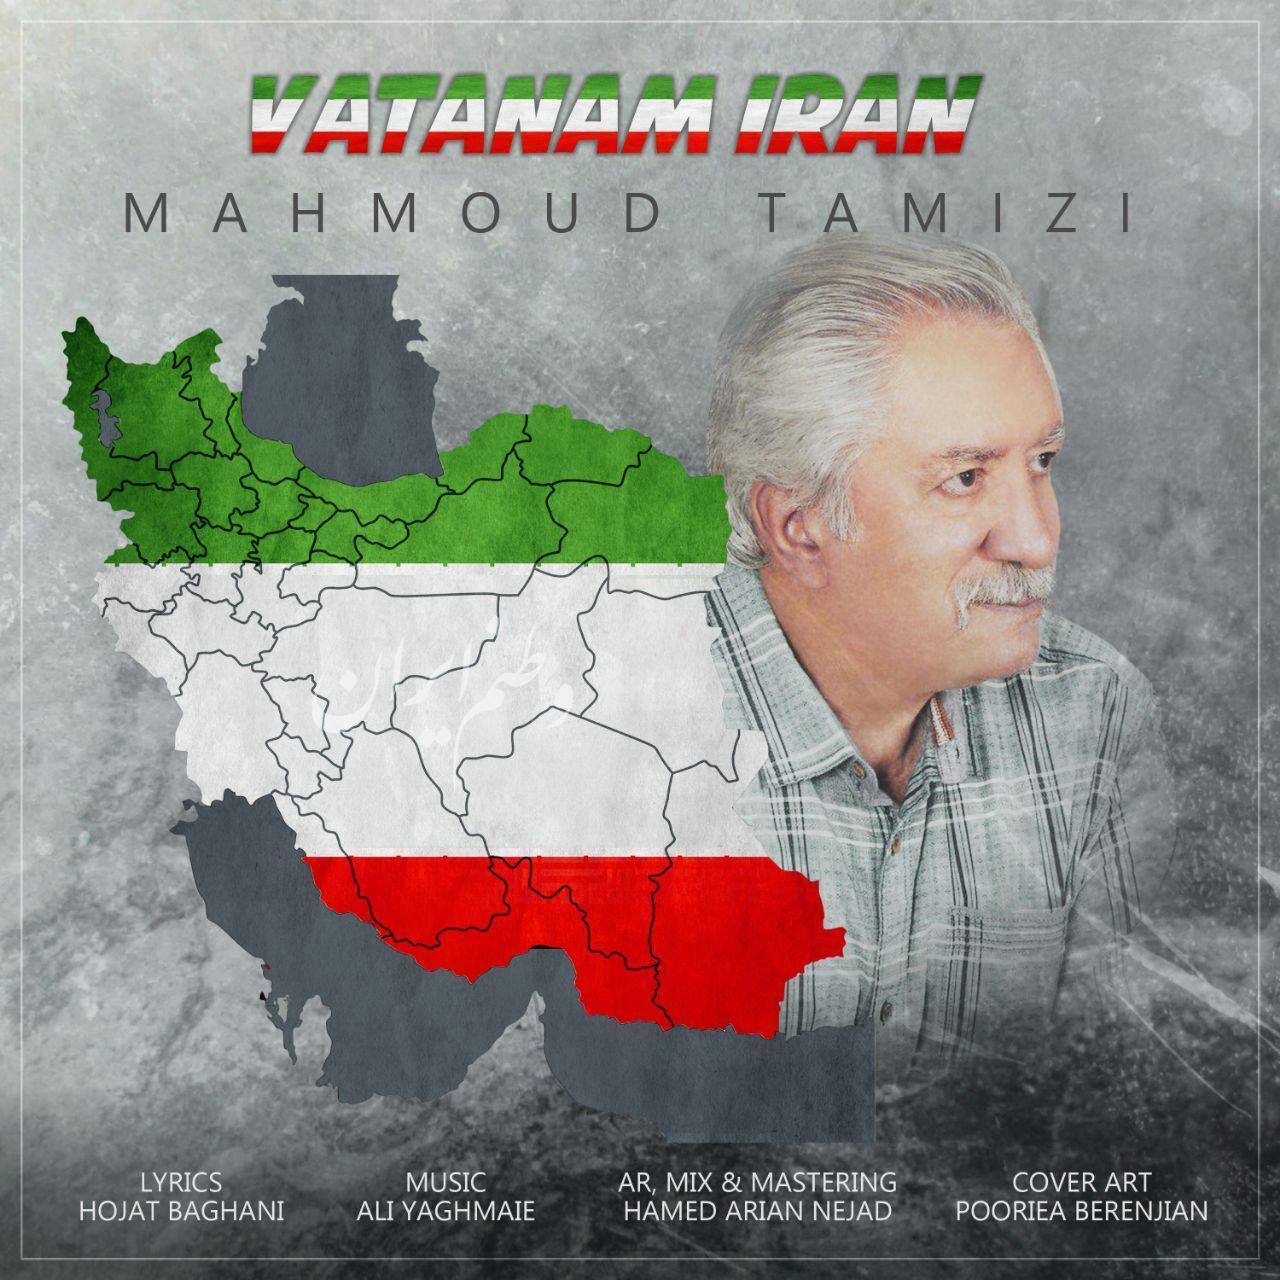 دانلود آهنگ محمود تمیزی وطنم ایران